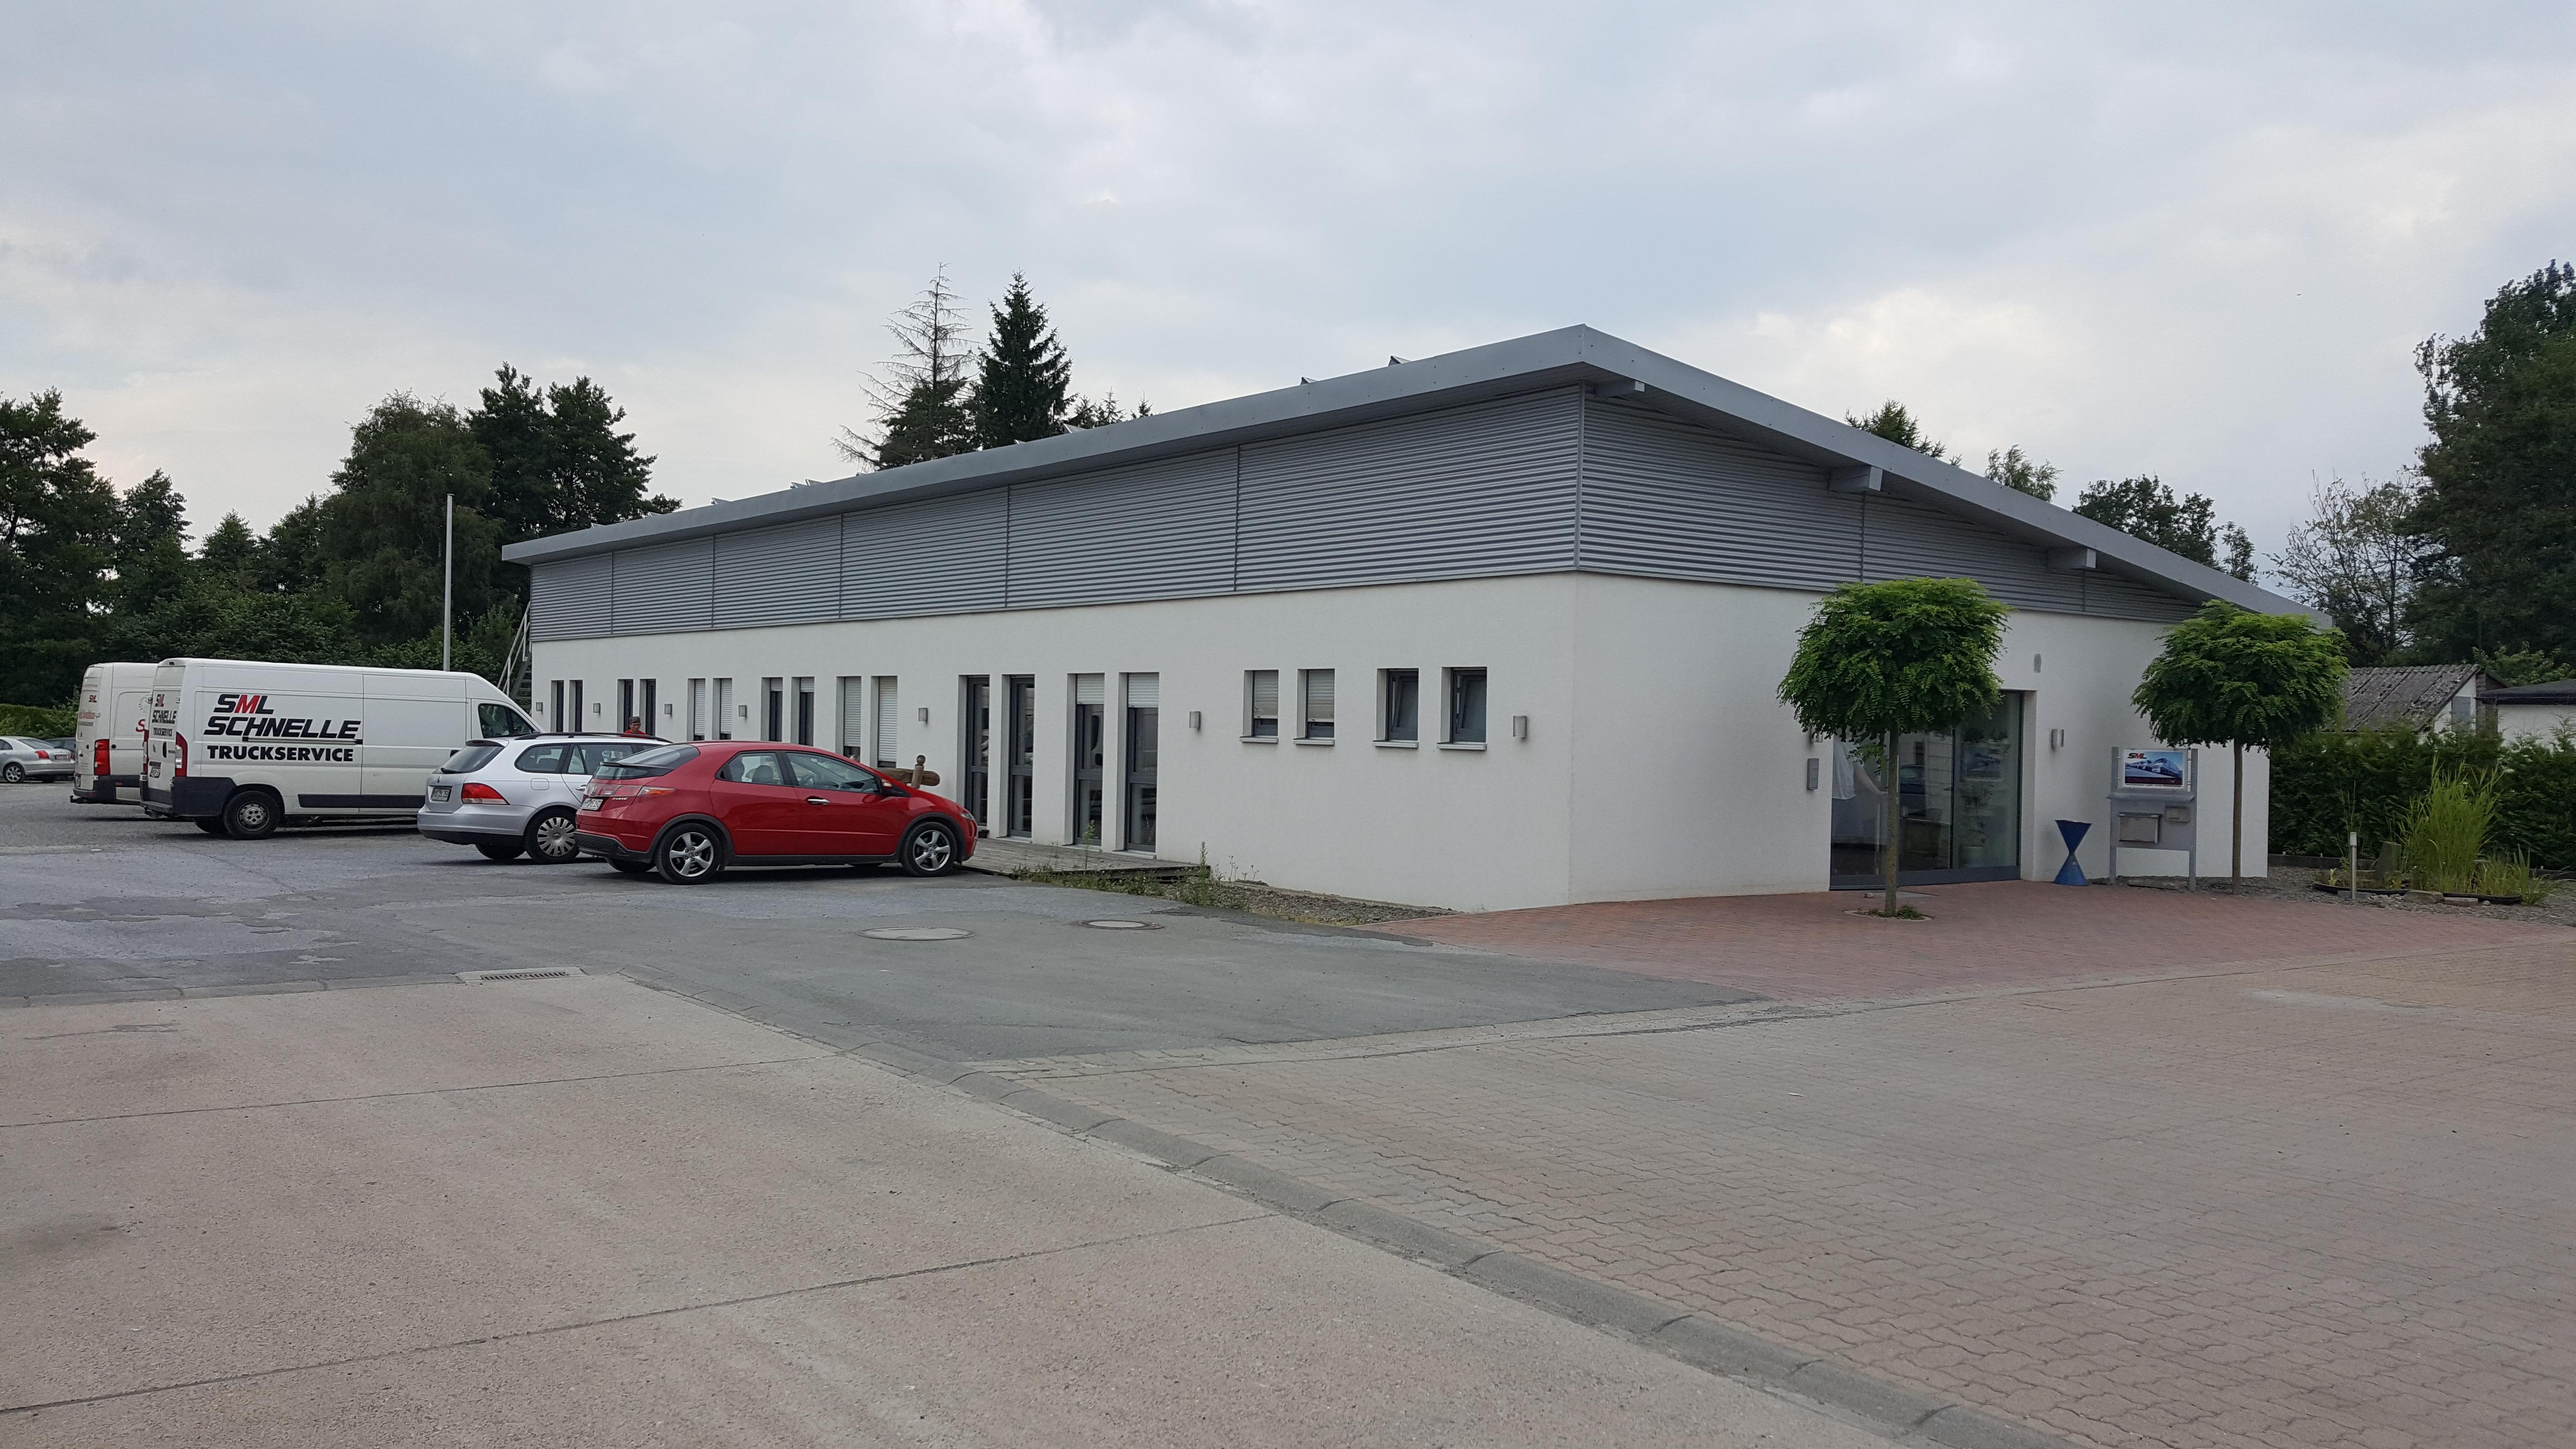 SML Schnelle Bad Münder